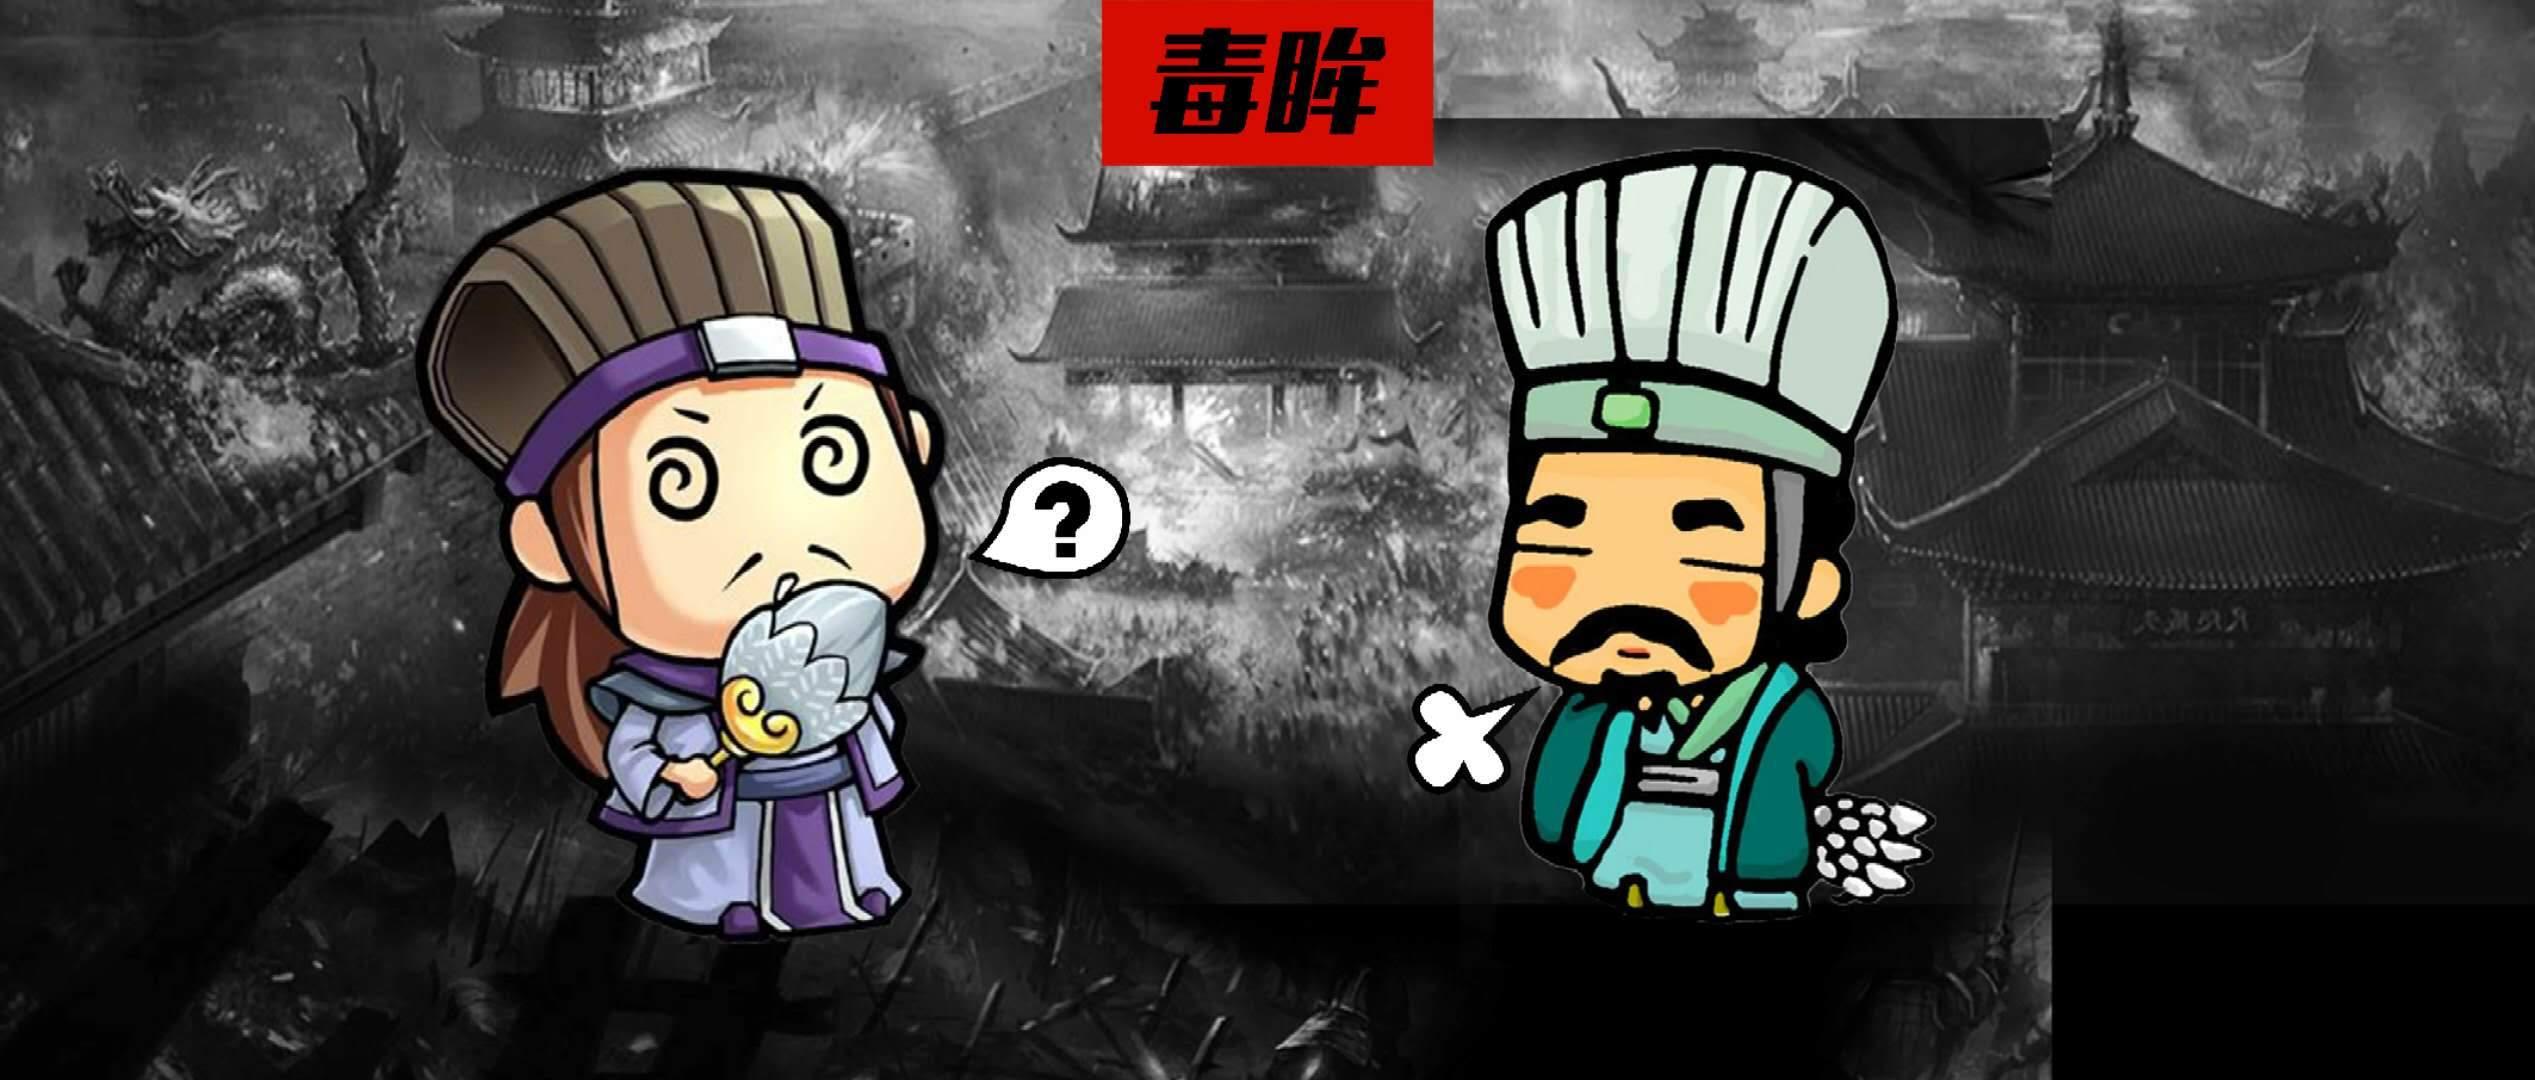 中国游戏商为什么做不出好的三国游戏?